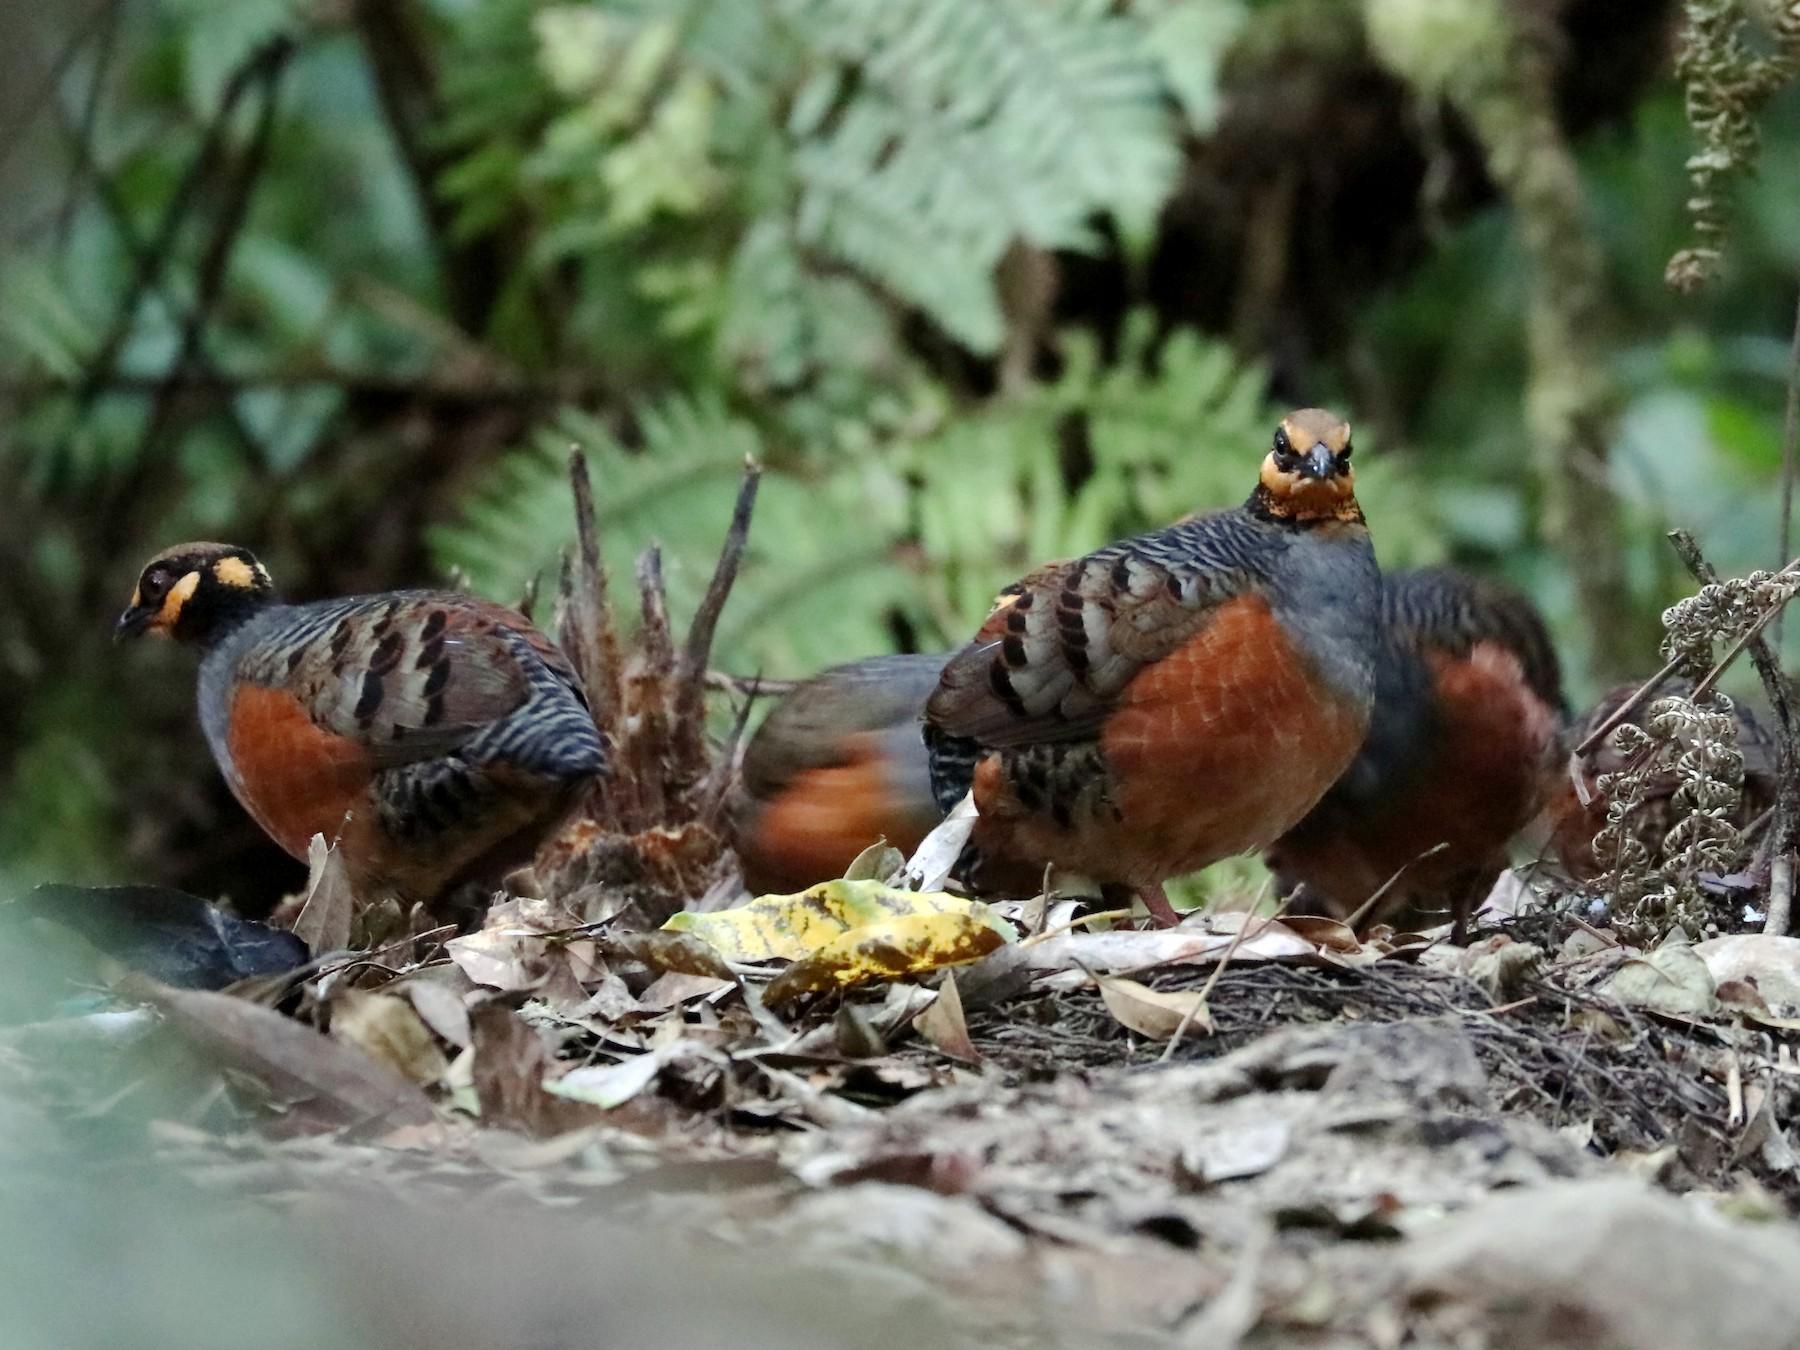 Chestnut-bellied Partridge - Edmond Sham